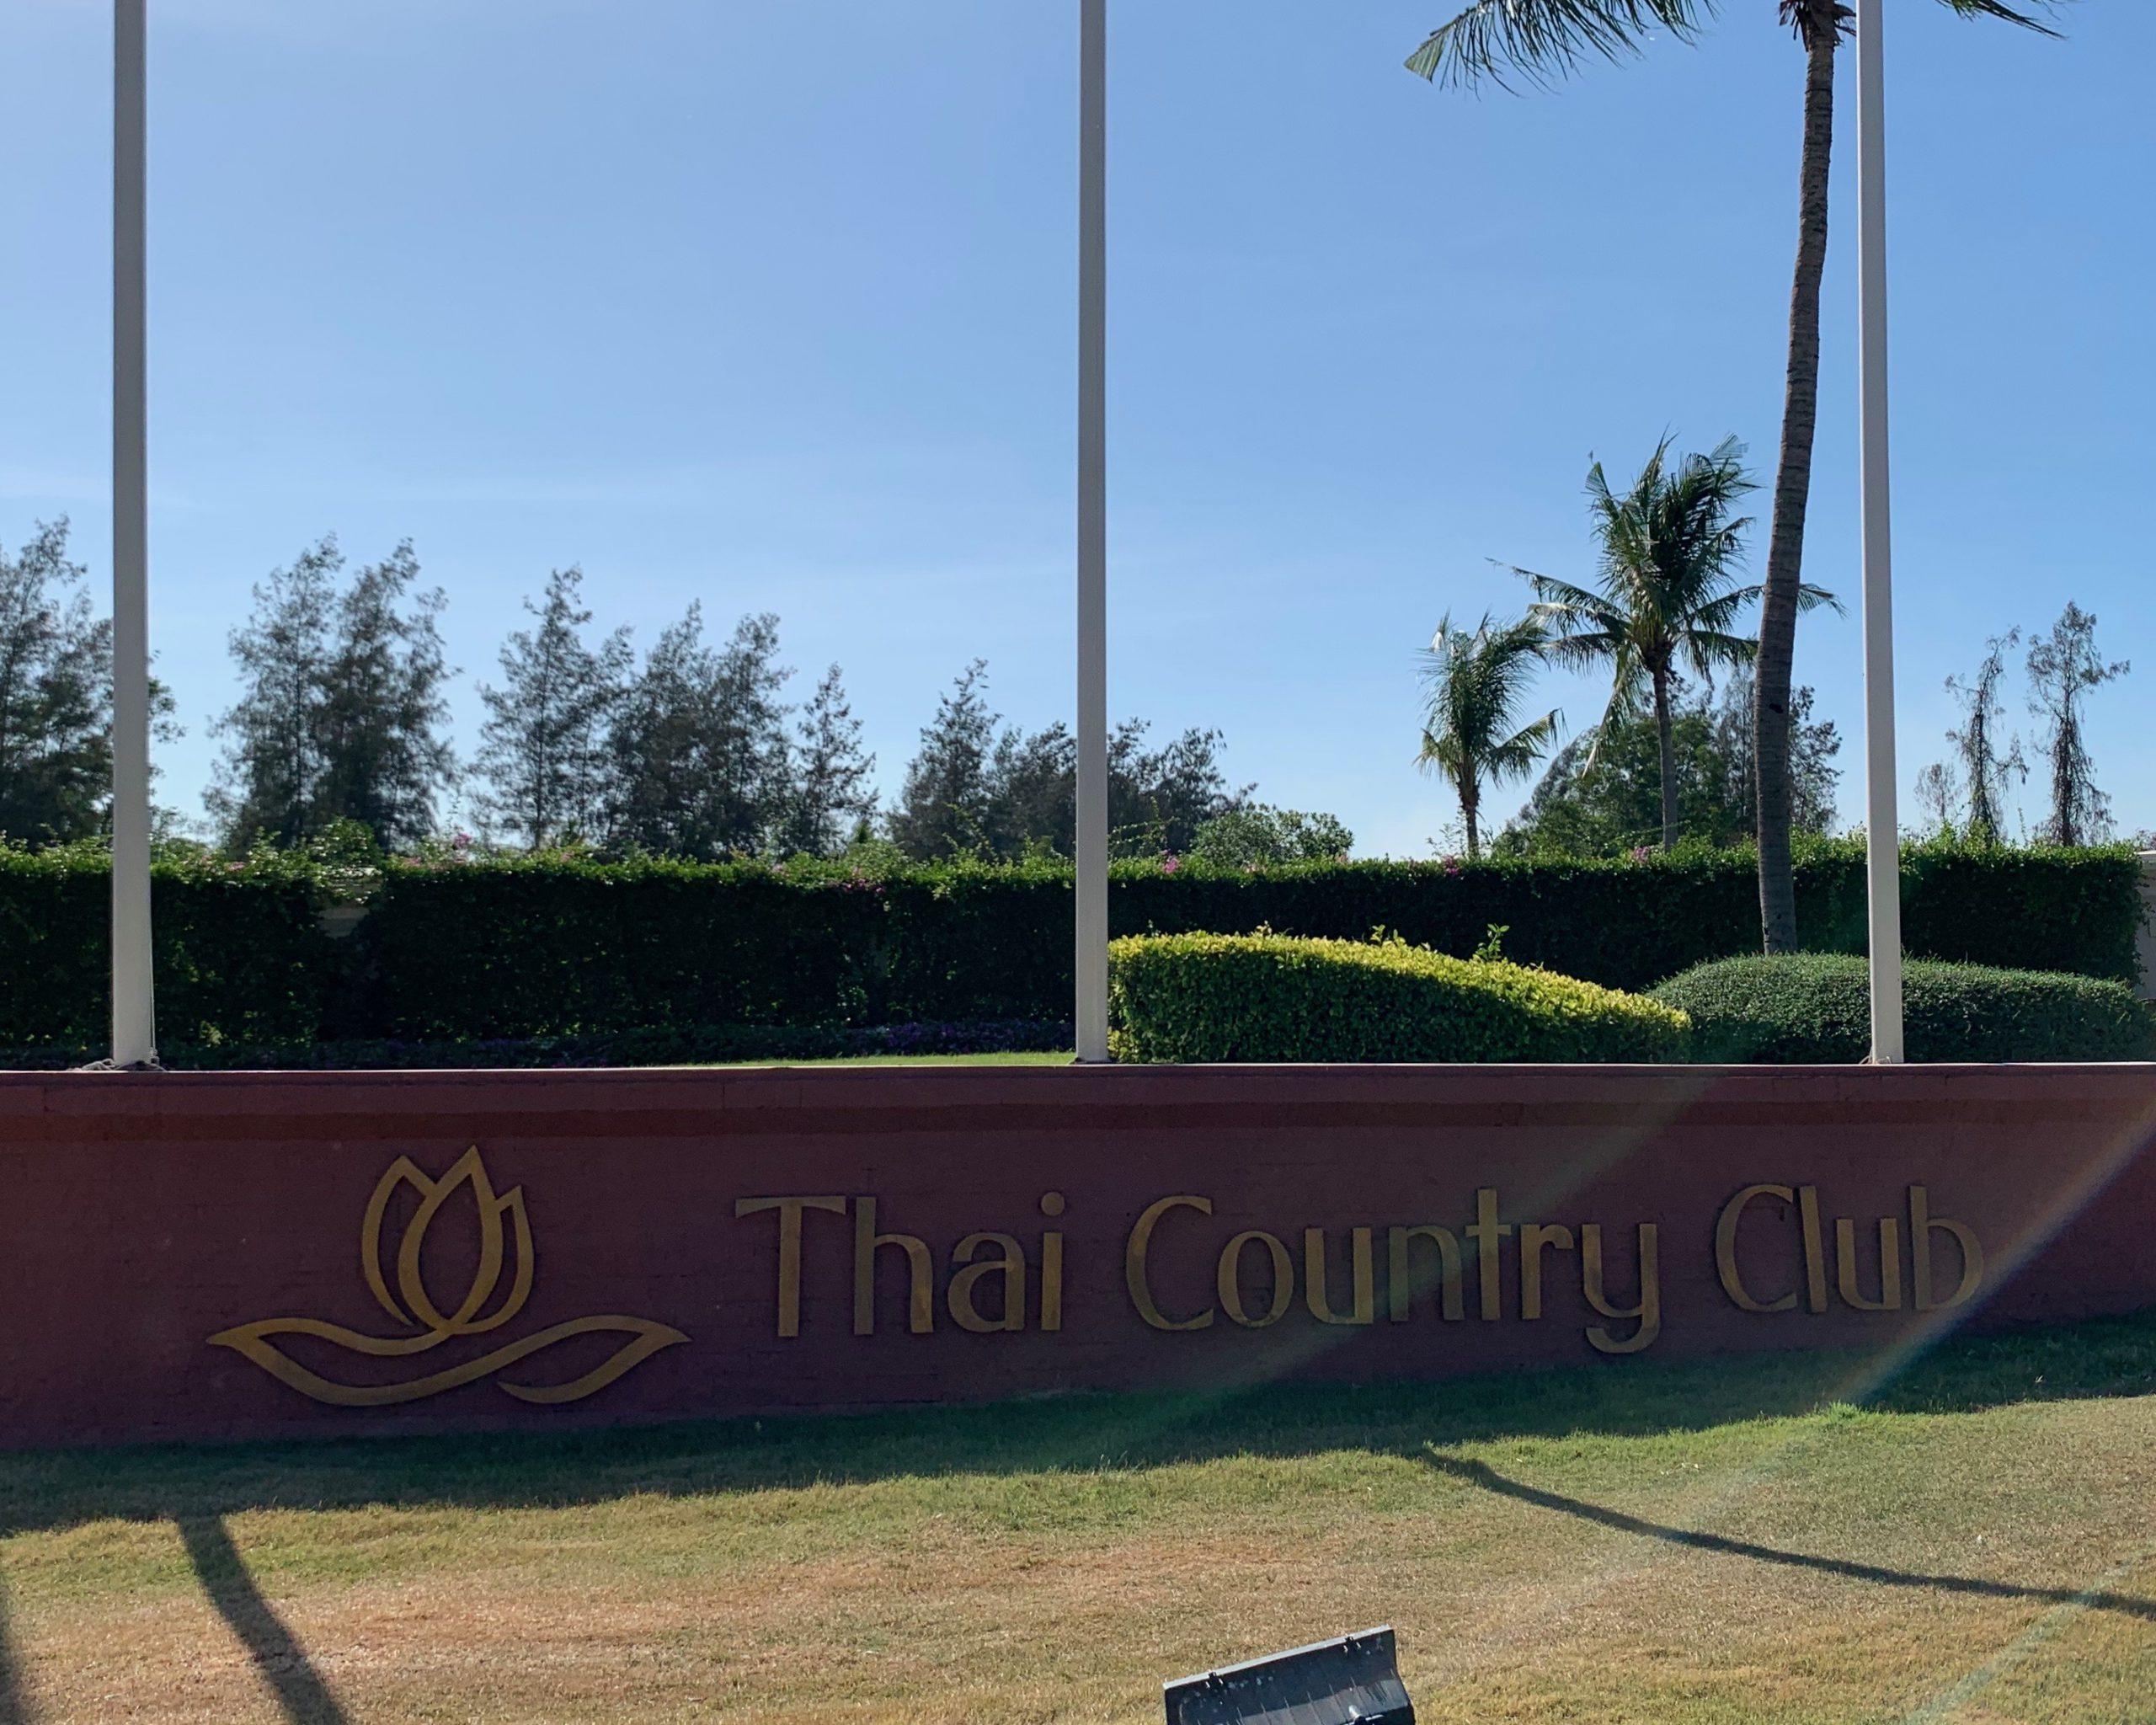 アジアでもトップクラスの名門ゴルフコース「タイカントリークラブ(Thai Country Club)」